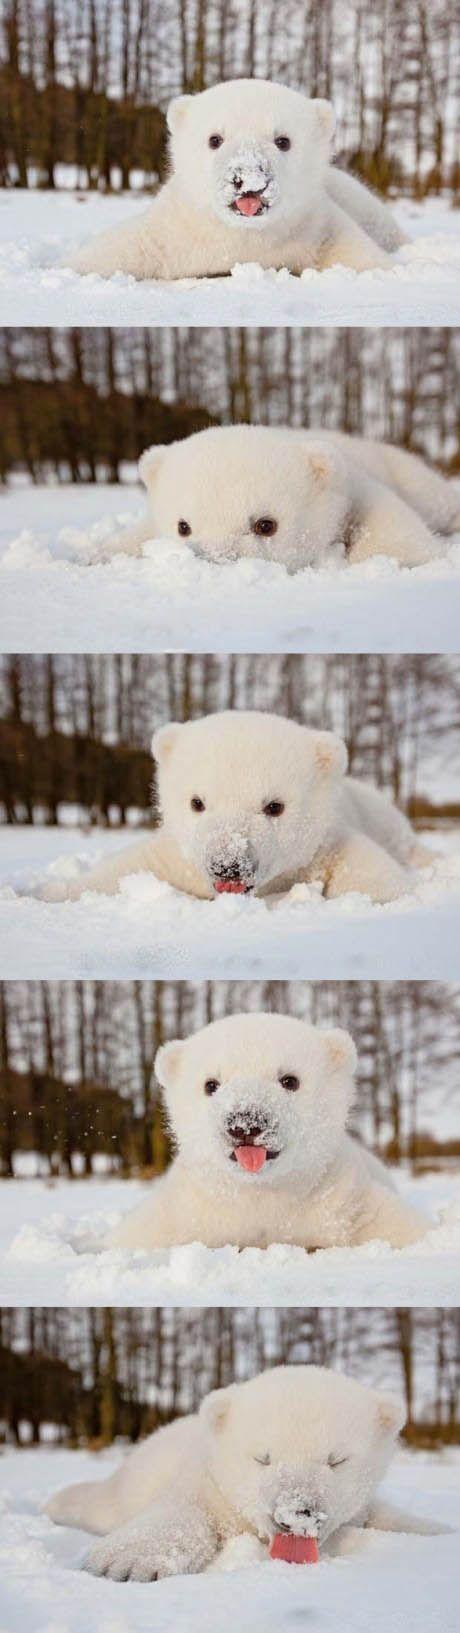 Polar bear = adorbs.